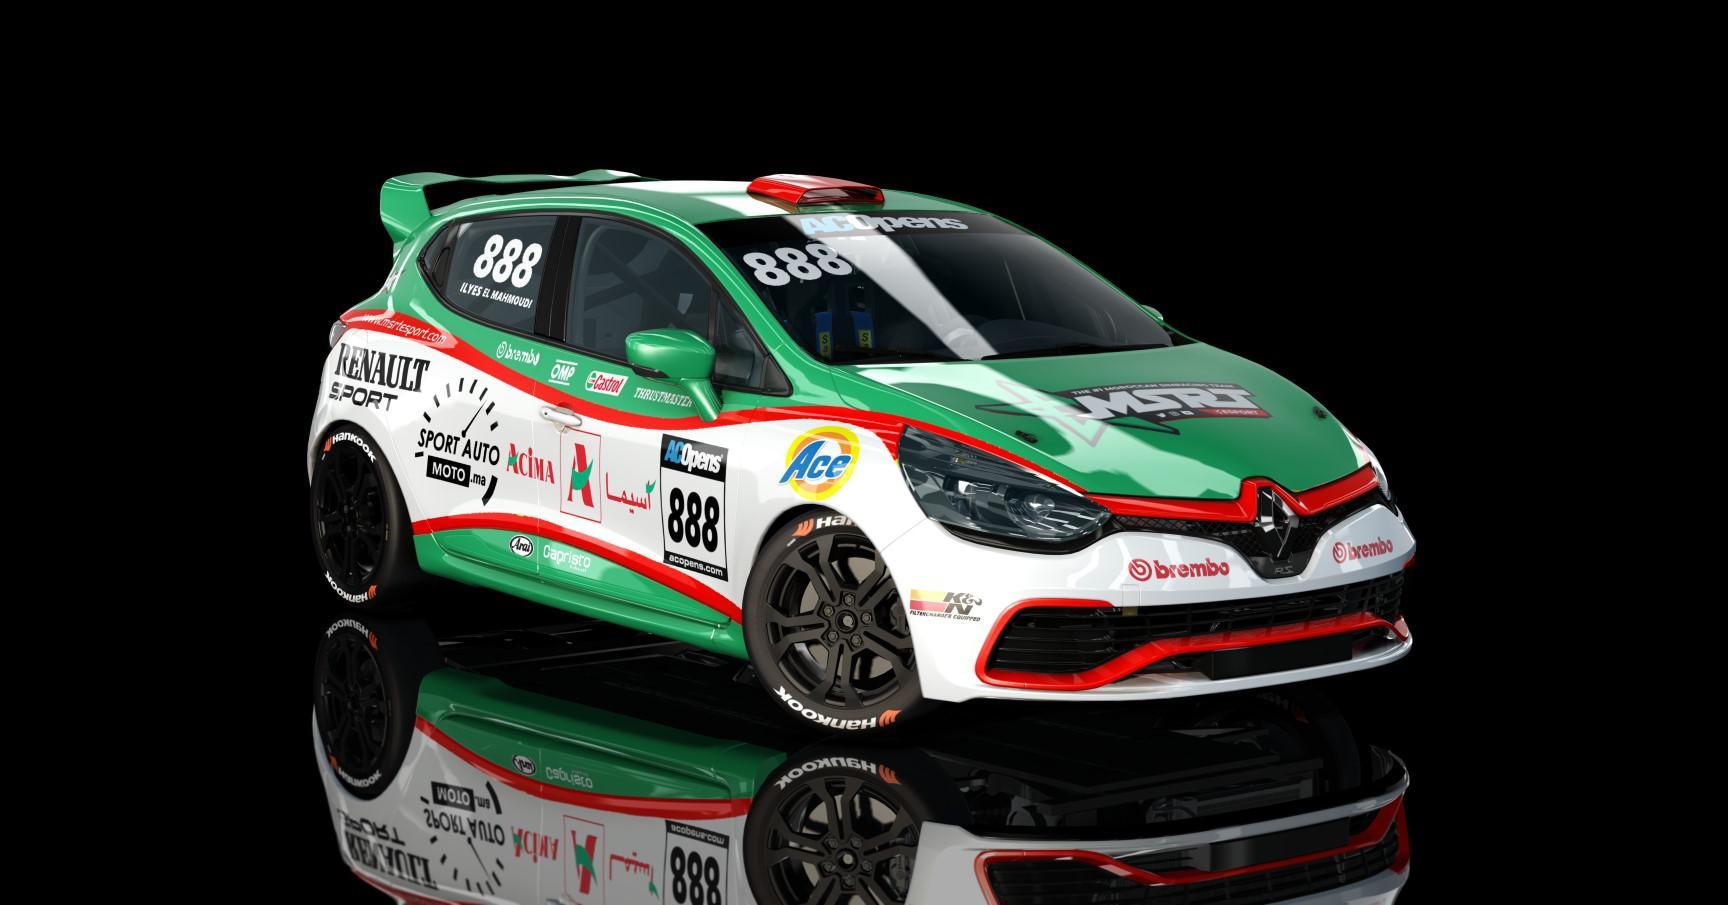 un-premier-evenement-reussi-pour-la-sim-racing-morocco-1284-3.jpg